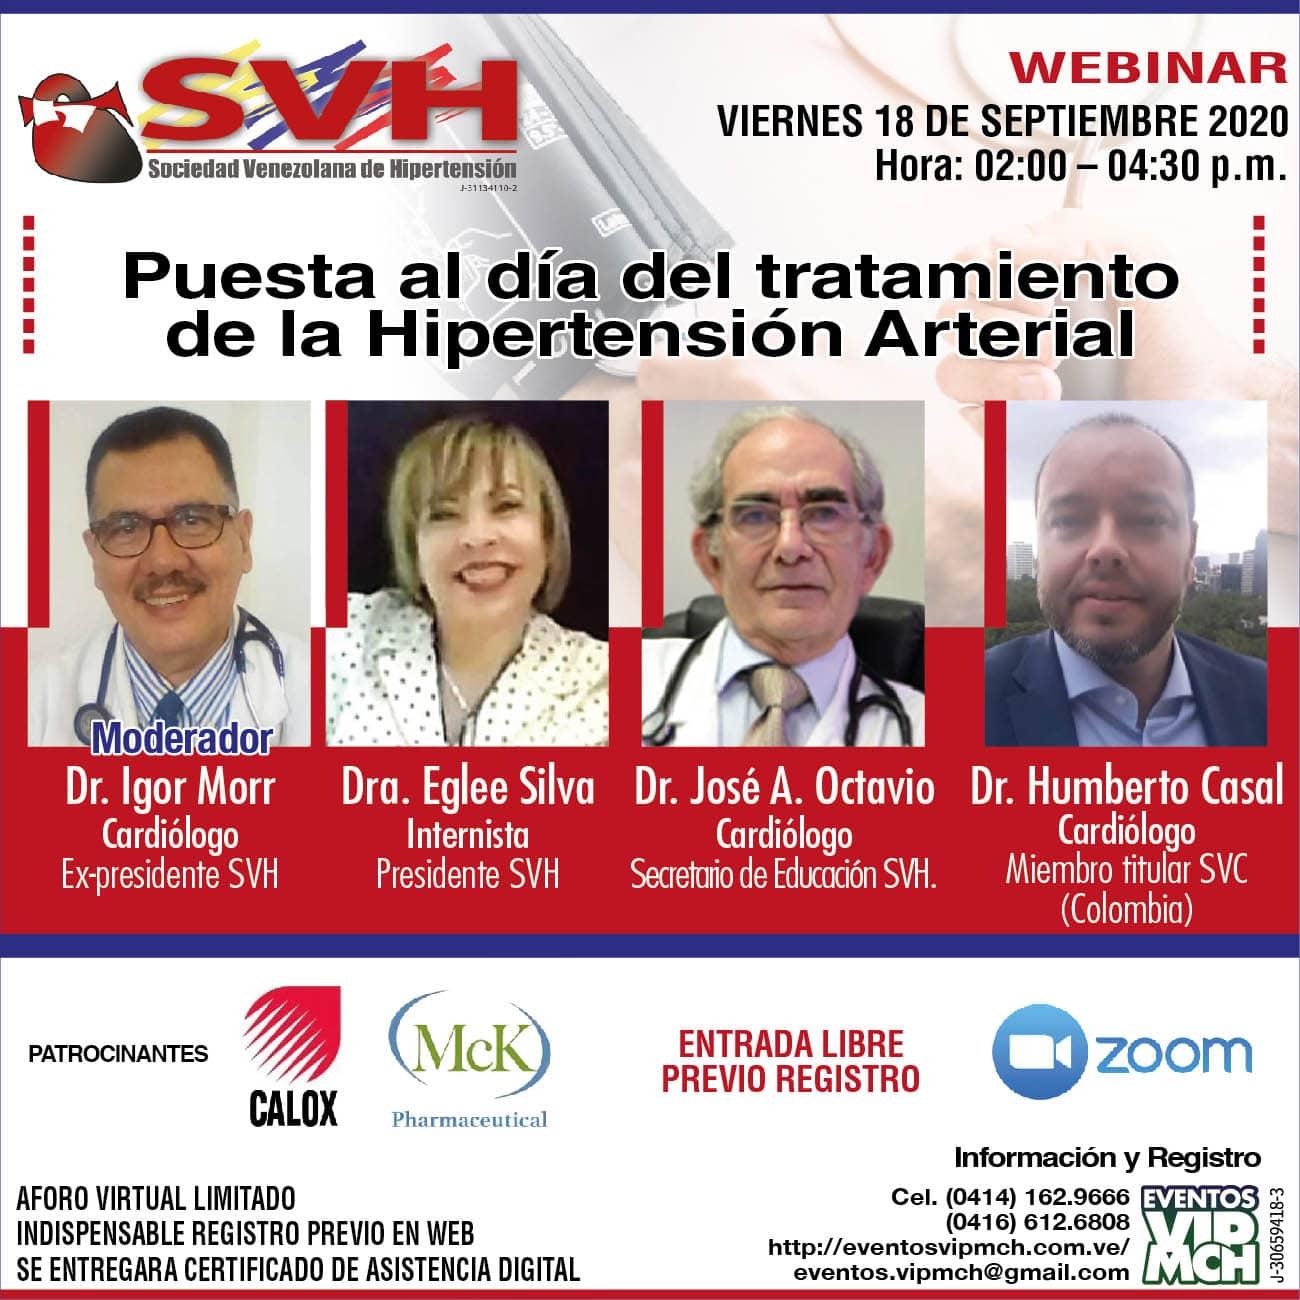 WEBINAR: Puesta al día del tratamiento de la Hipertensión Arterial